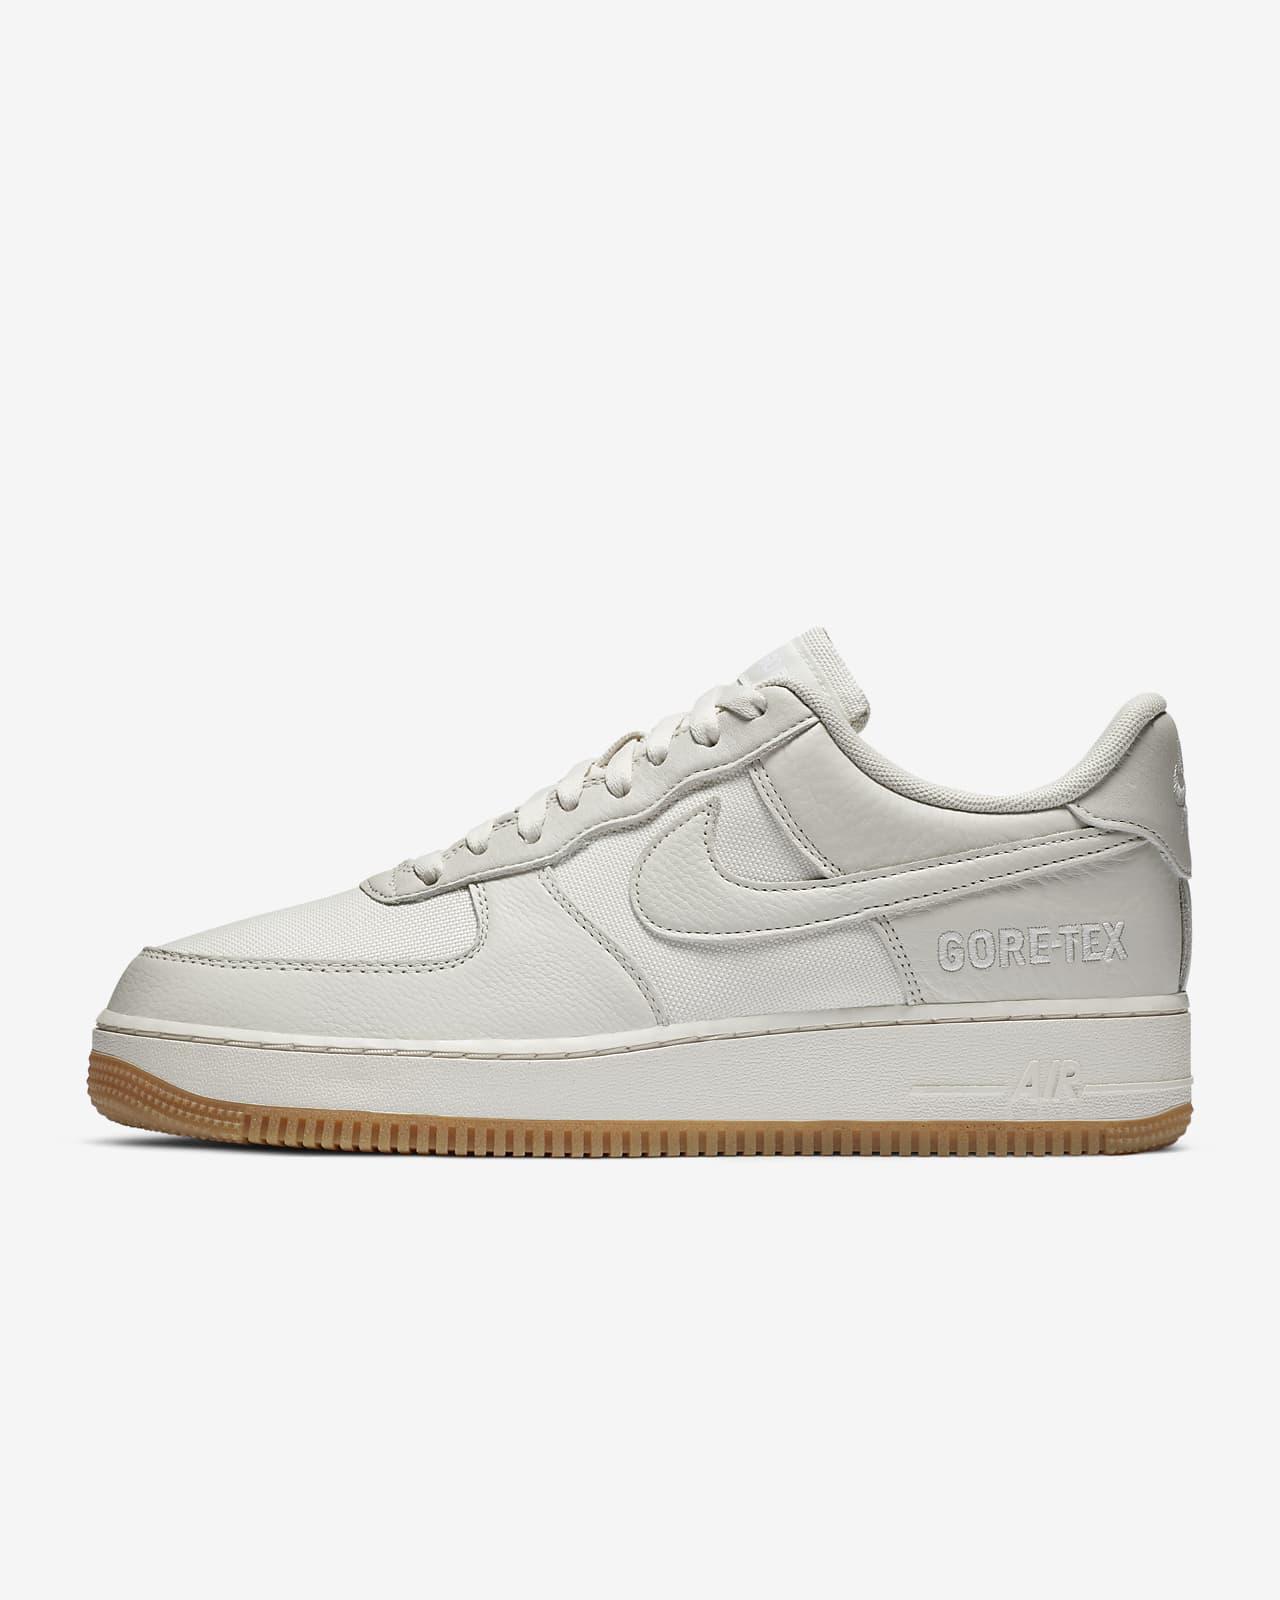 Nike Air Force 1 Low GORE-TEX Men's